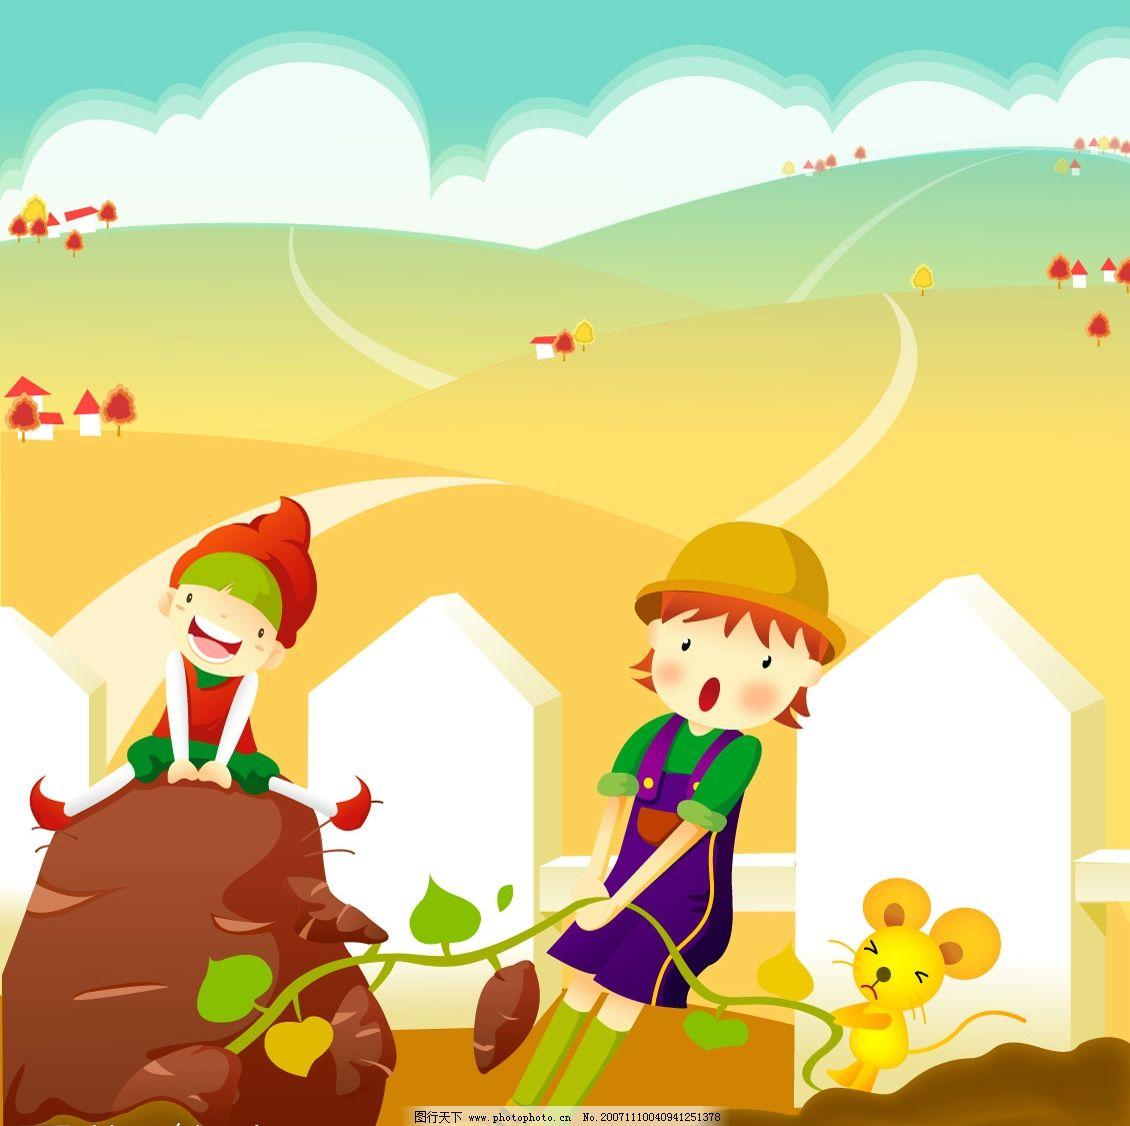 精美韩国卡通人物 精美 韩国 卡通 人物 可爱 矢量人物 儿童幼儿 矢量